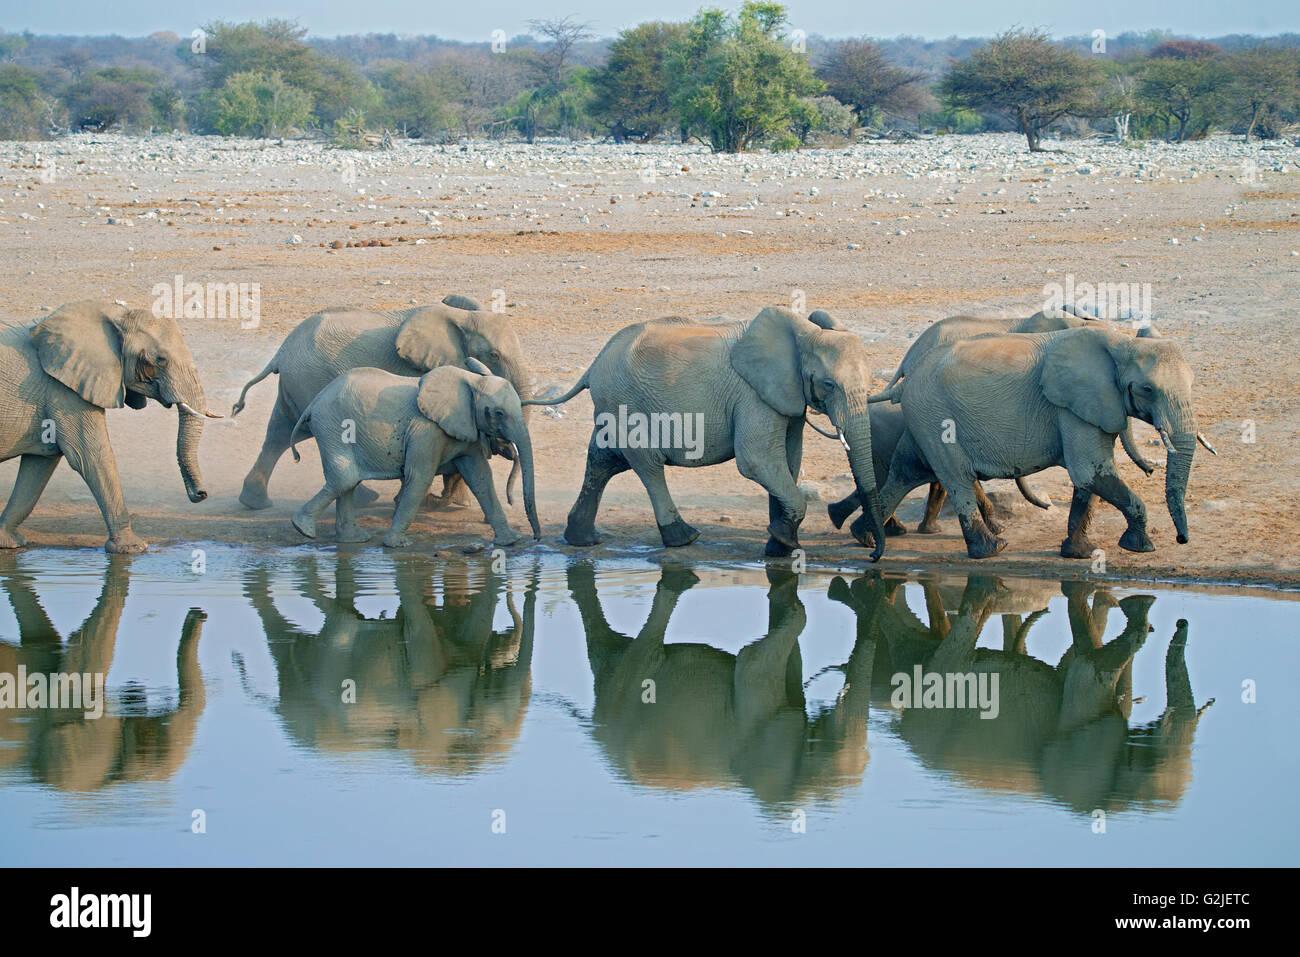 L'éléphant africain (Loxodonta africana) famille de venir à un point d'eau à boire, Photo Stock